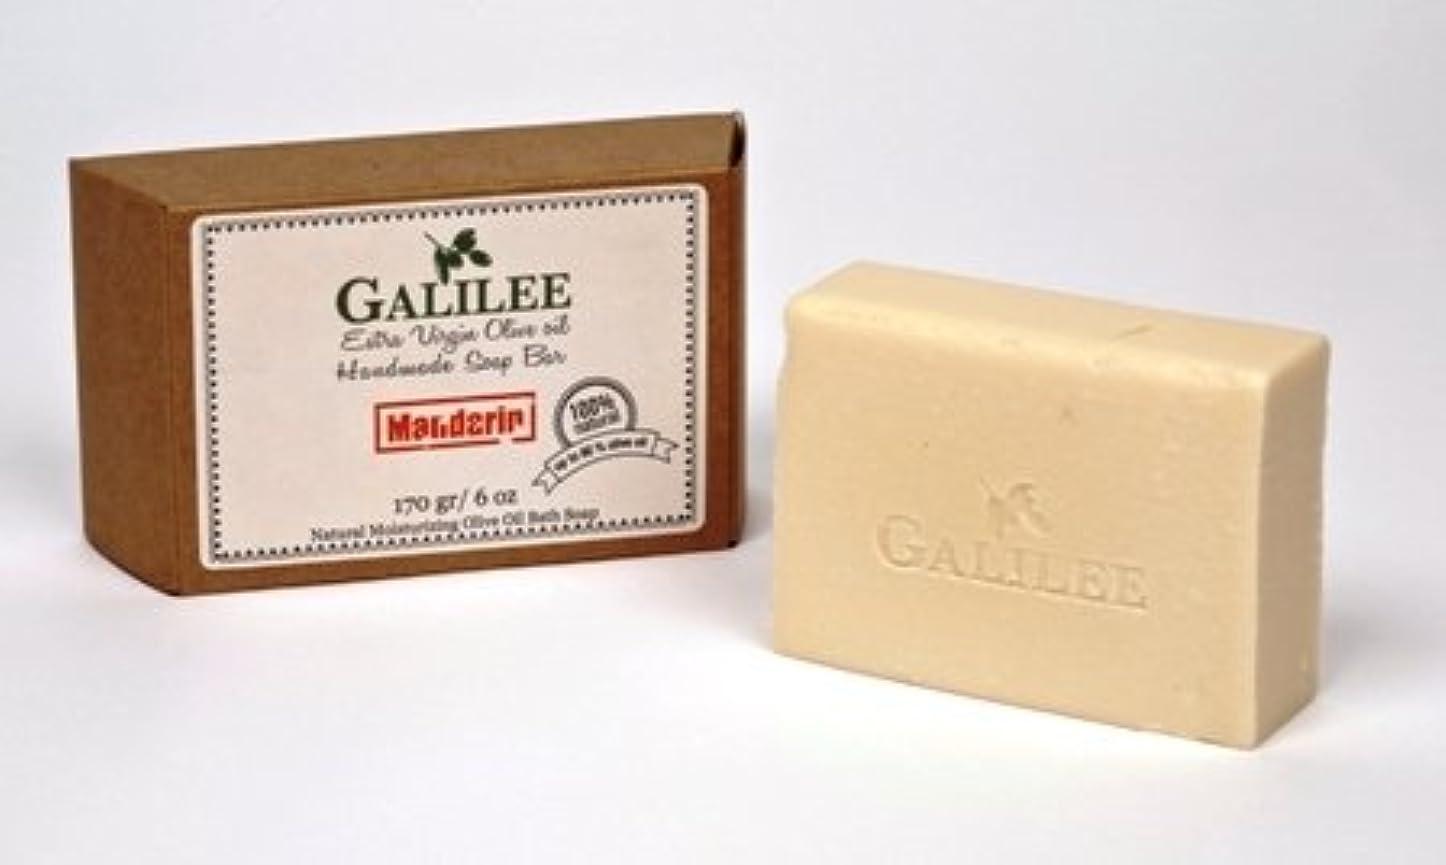 血統思い出させる州Galilee Olive Oil Soap ガリラヤオリーブオイルソープバー 6oz ローズマリーミント&オリーブオイル